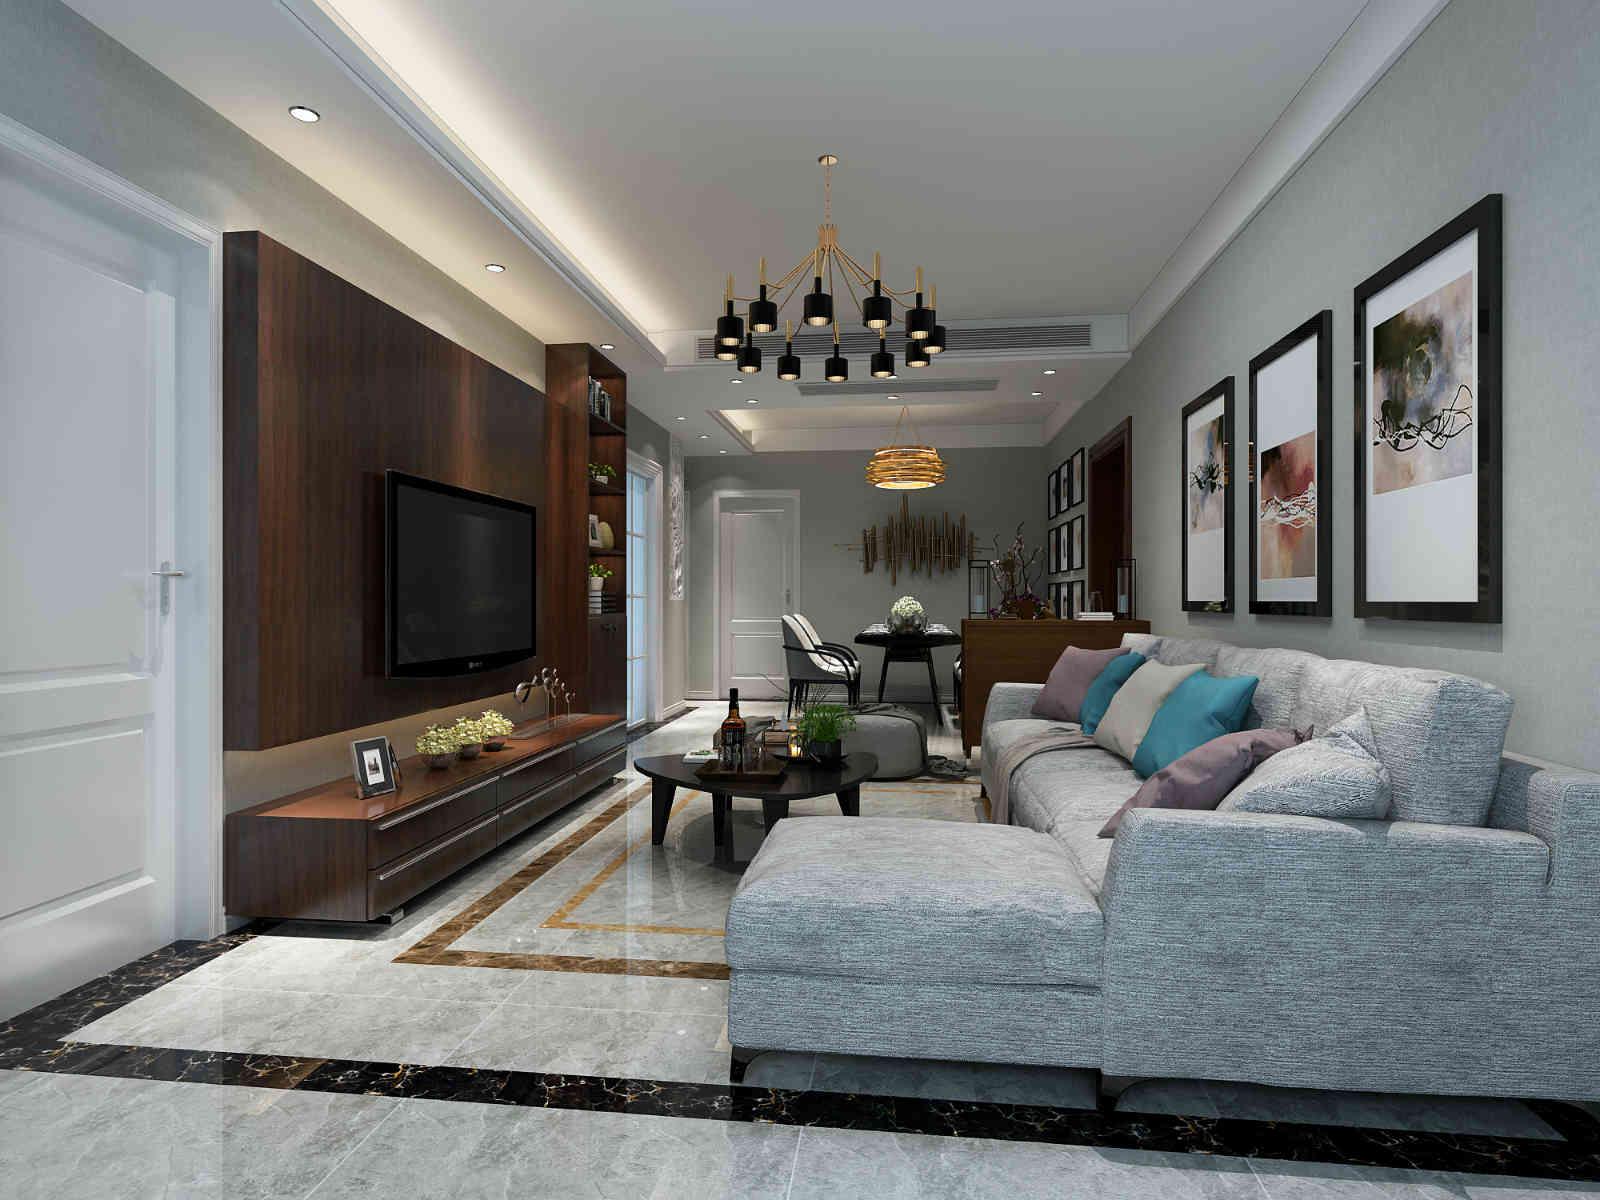 宝山区住宅装修多少钱 真诚推荐「上海匠居装饰设计供应」